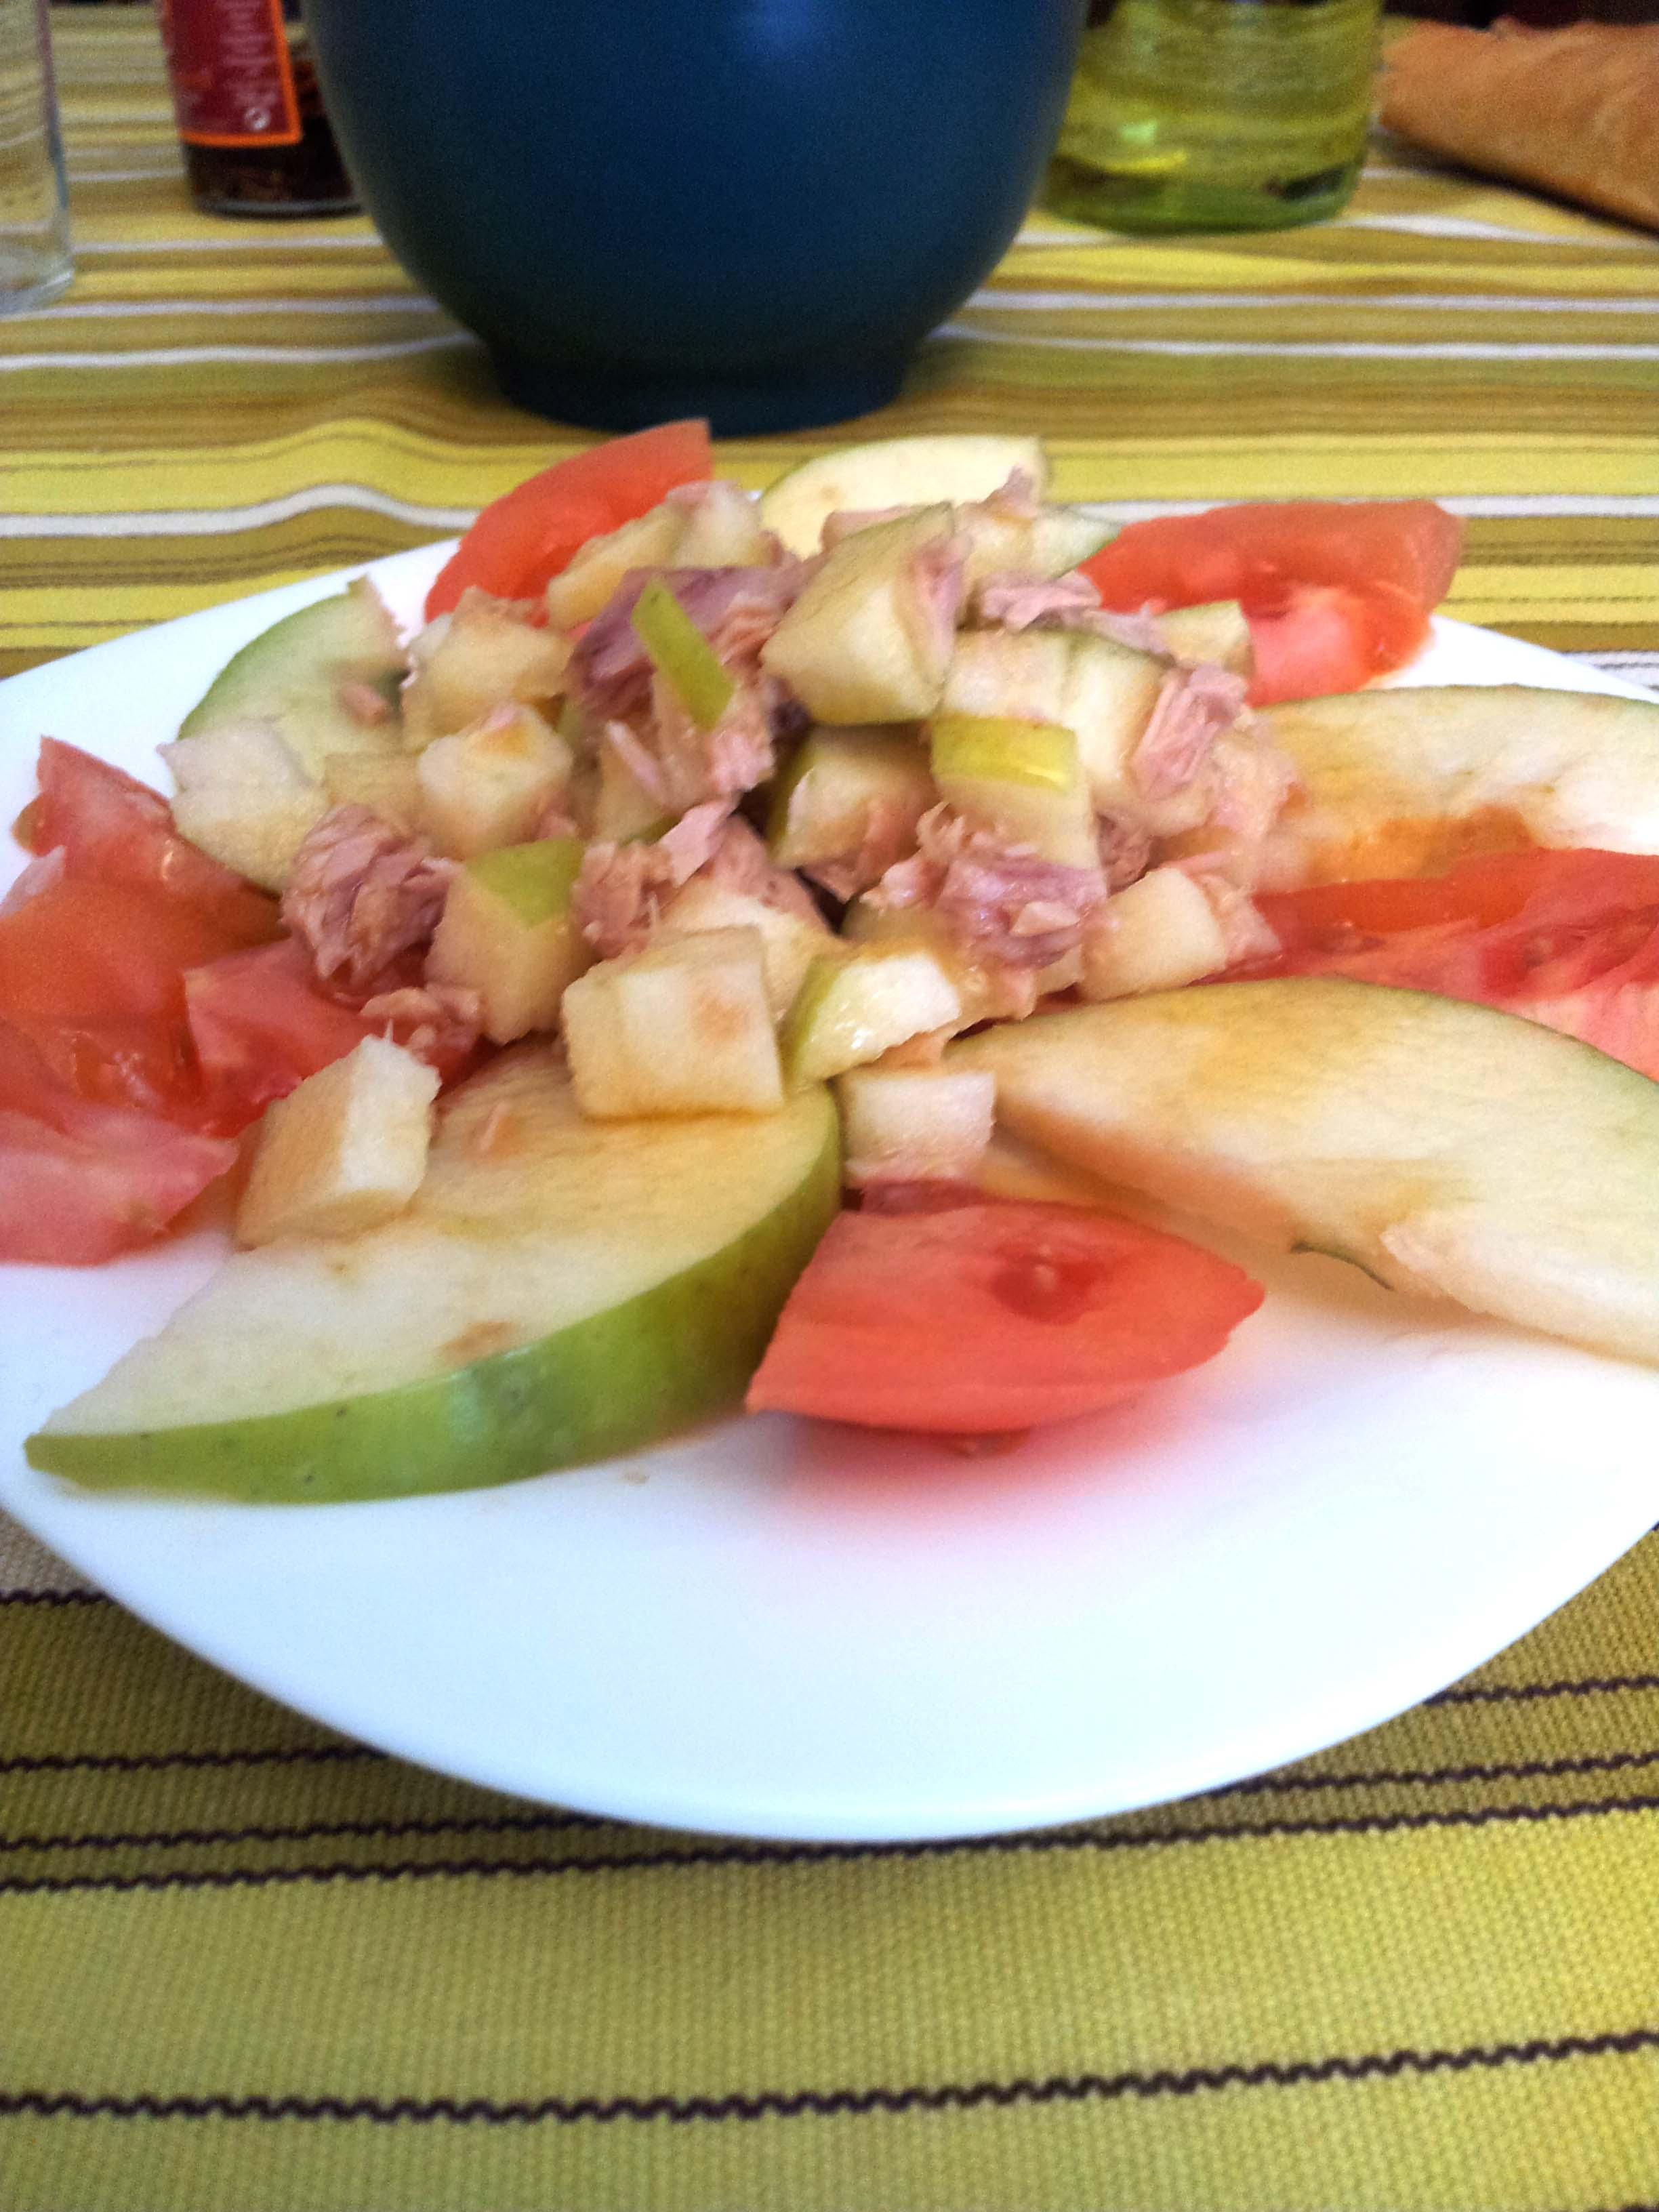 Ensalada de manzana, tomate y atún